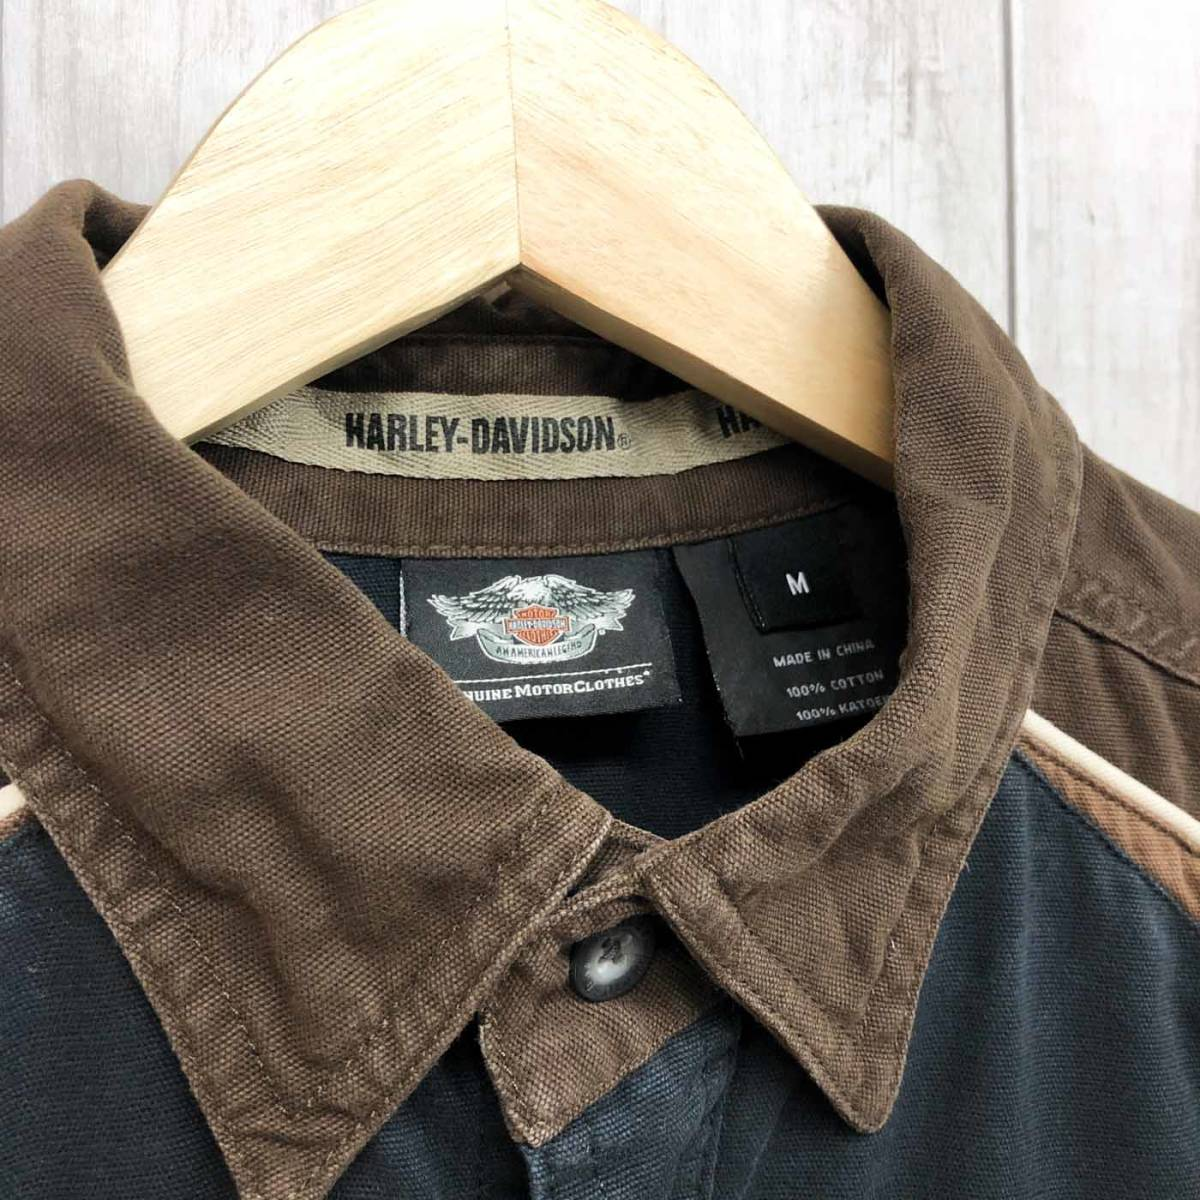 HARLEY DAVIDSON ハーレーダビッドソン 古着 半袖シャツ メンズ コットン100% Mサイズ 9-66_画像5